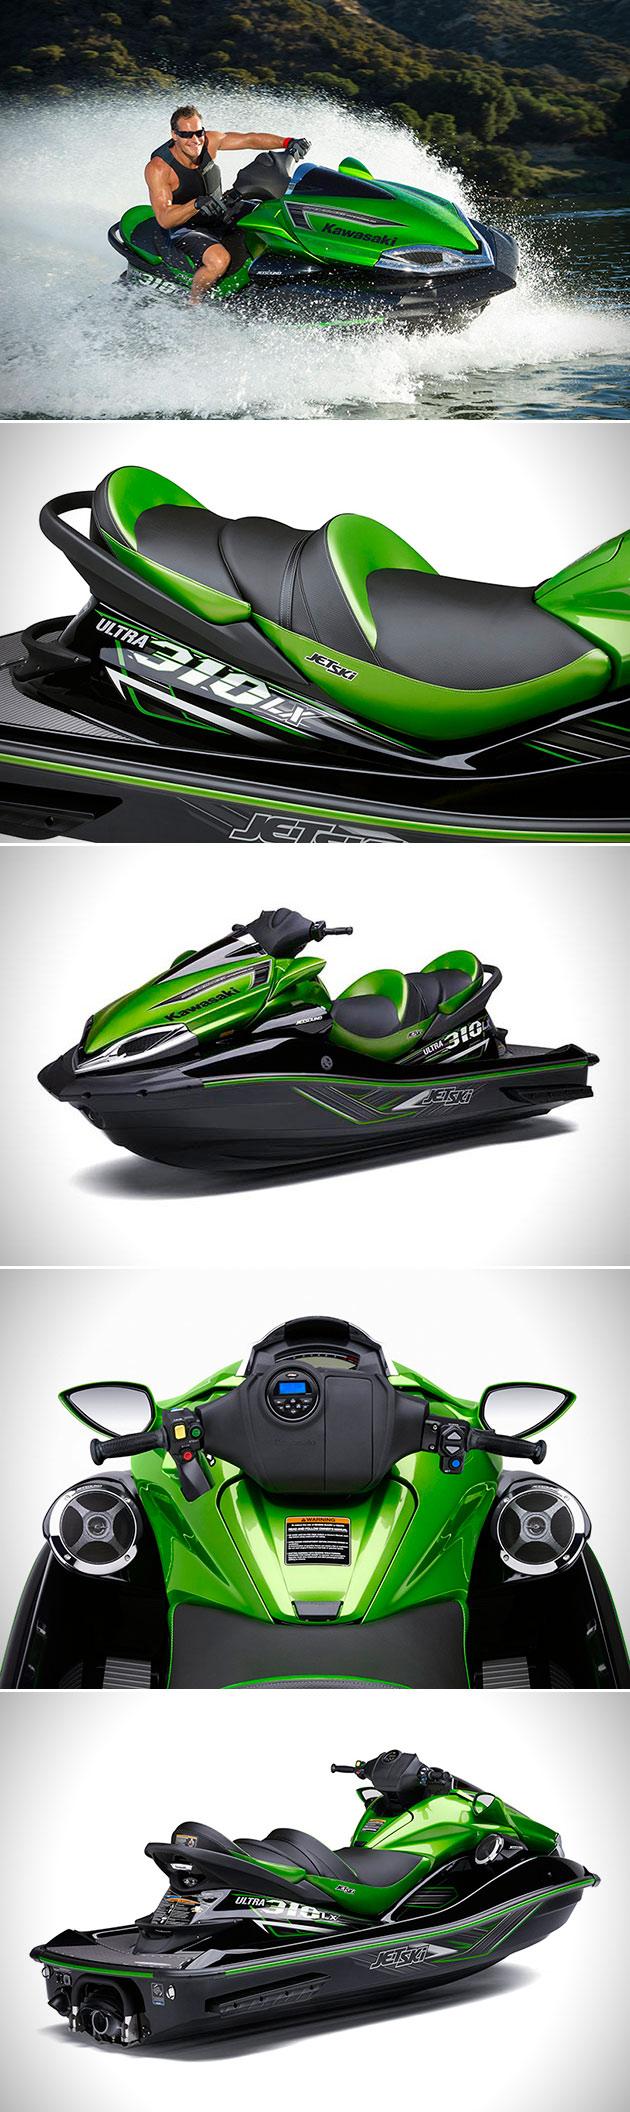 Kawasaki Ultra 310